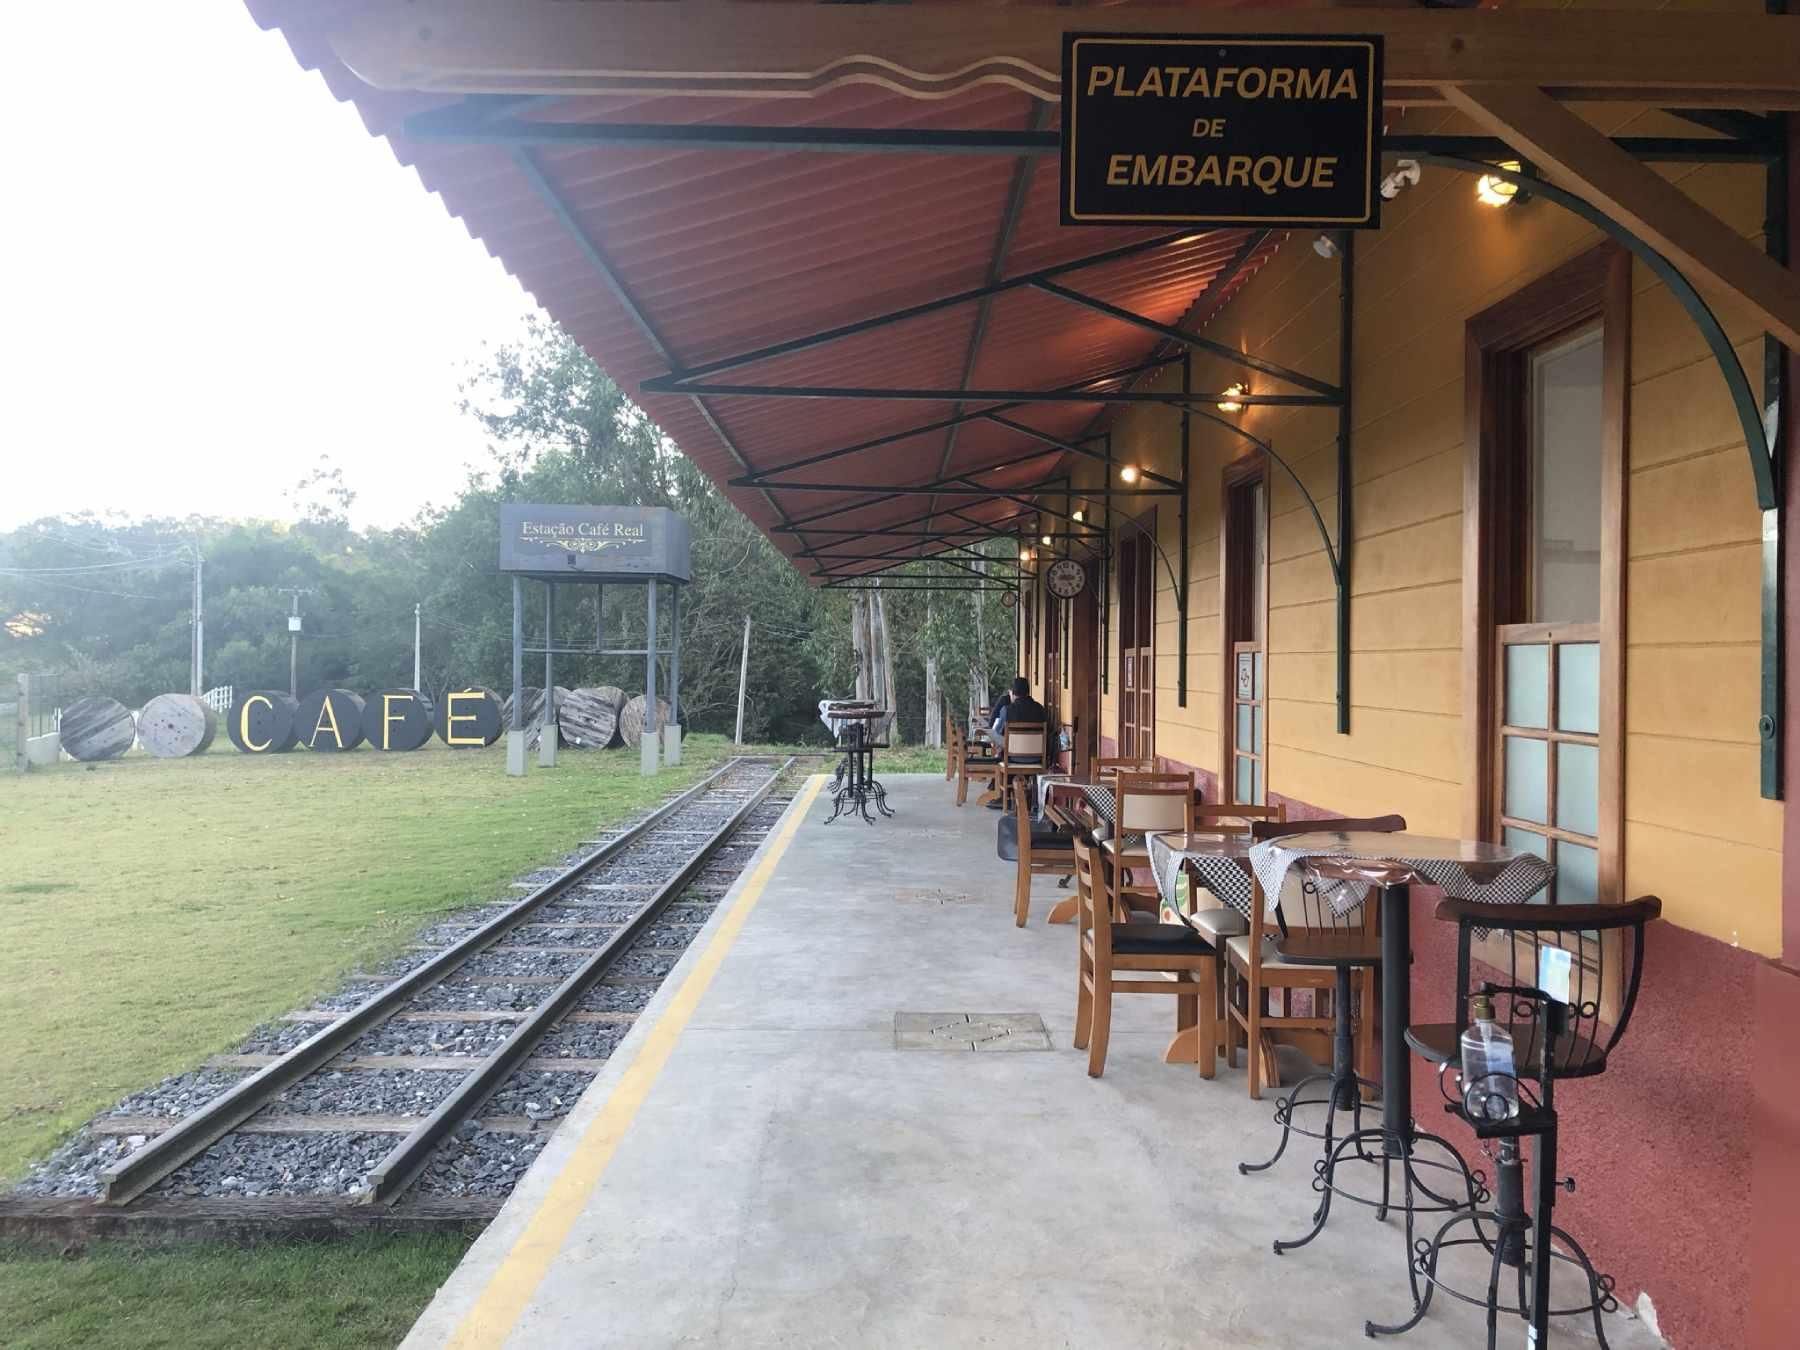 Estação Café Real